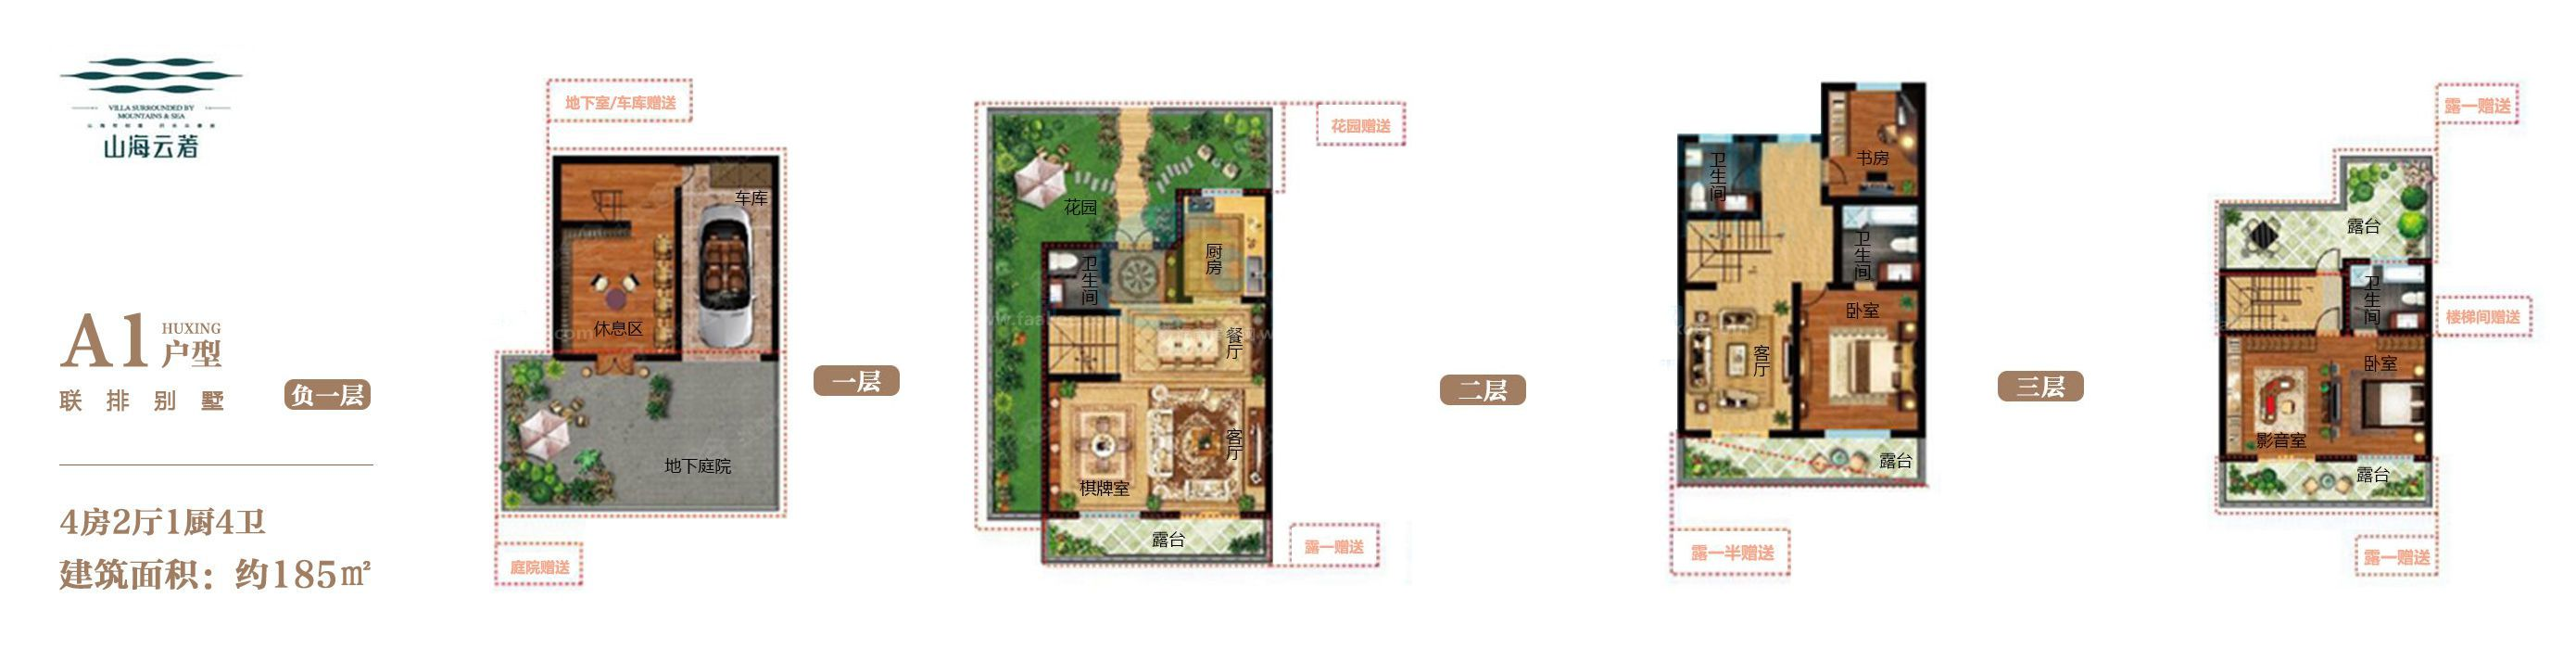 联排别墅A1户型 4房2厅1厨4卫 建面约185㎡